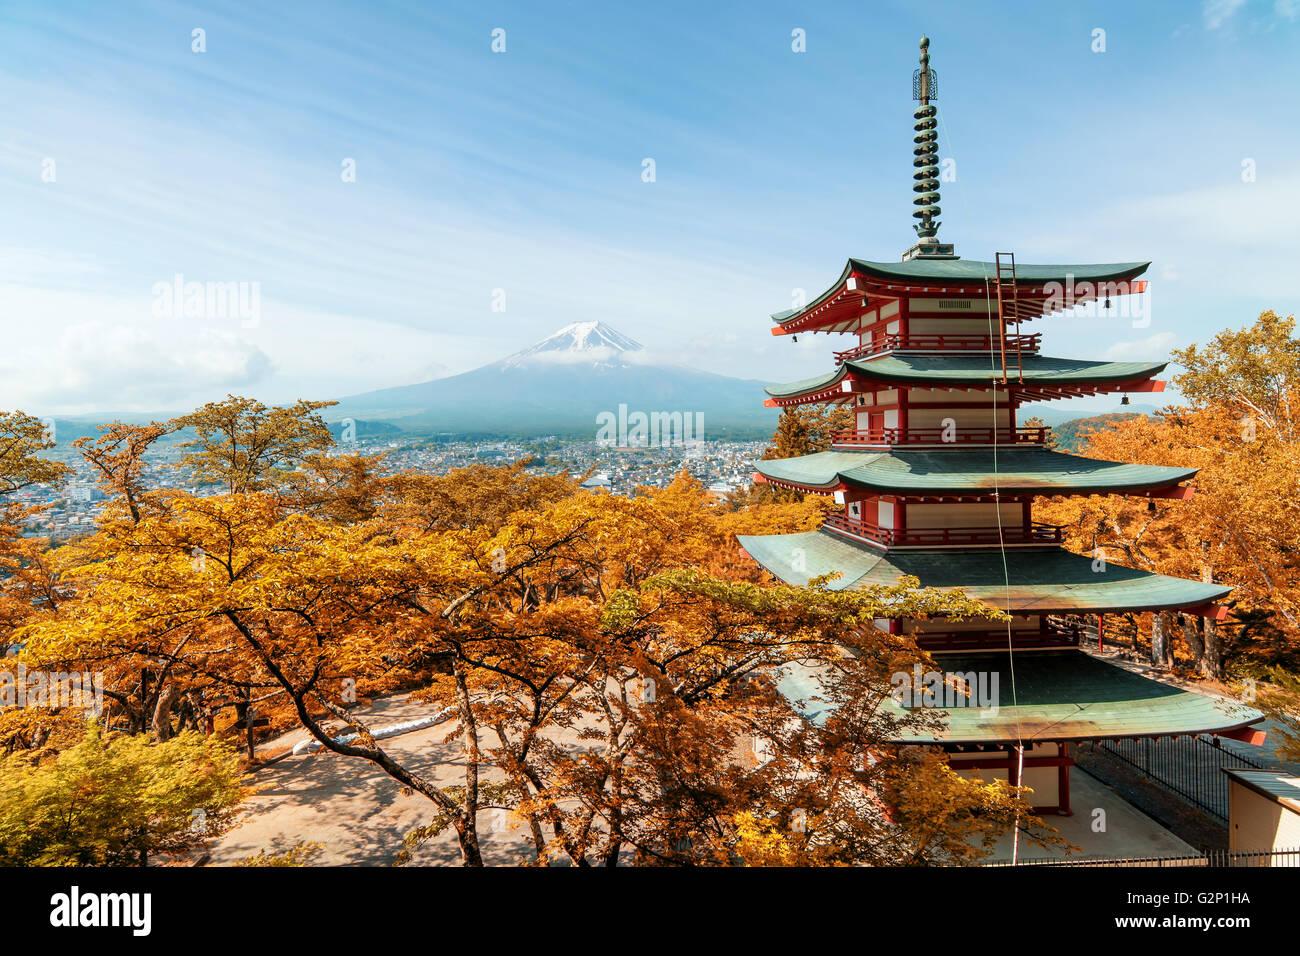 Viaggi in Giappone - Splendida Autunno in Giappone a pagoda rossa con Mt. Fuji in background, Giappone. Immagini Stock